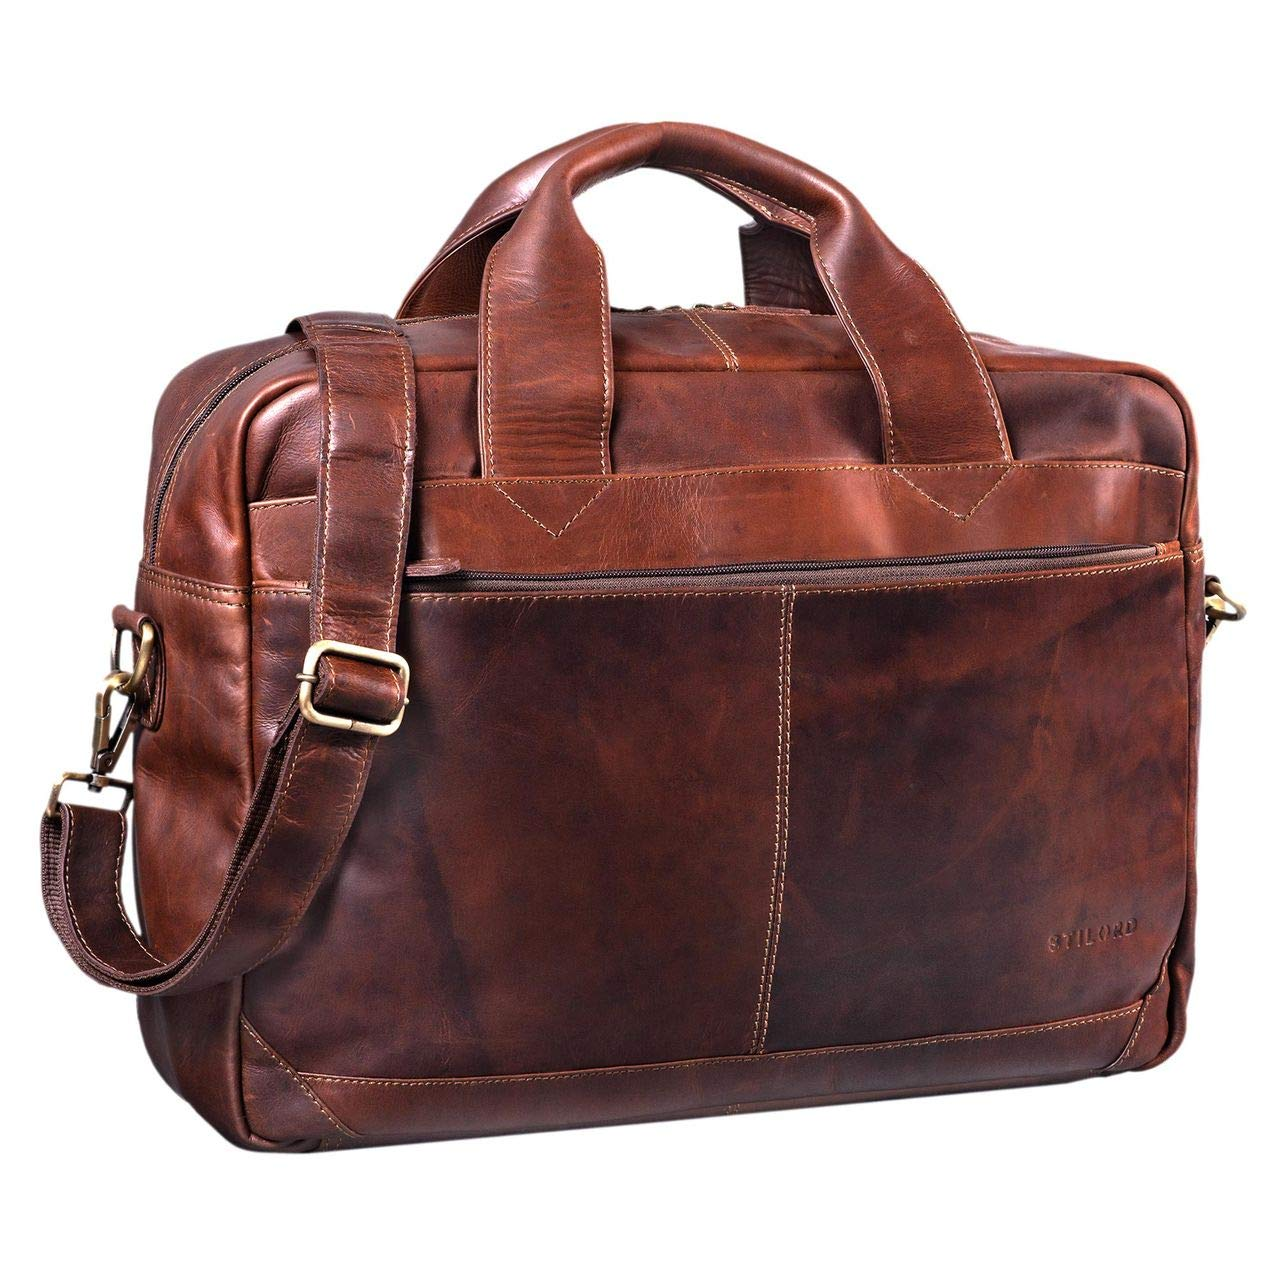 STILORD 'Amadeus' Lehrertasche Leder XL Vintage Aktentasche für Herren Damen große Umhängetasche DIN A4 mit 15.6 Zoll Laptopfach für Schule Uni Arbeit echtes Rindsleder, Farbe:Cognac - braun